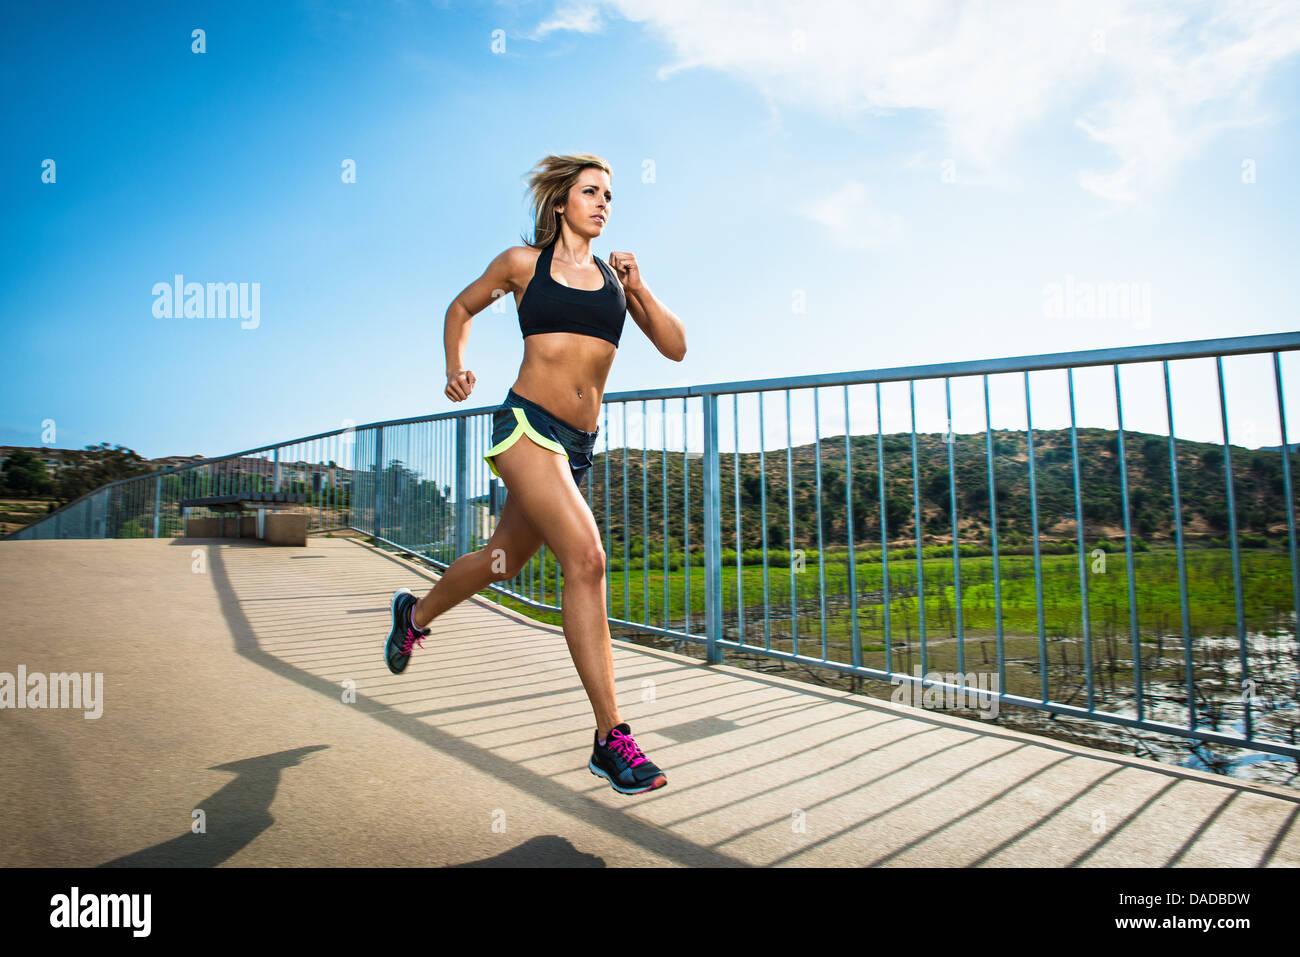 Mujer atlética girando en el puente Imagen De Stock